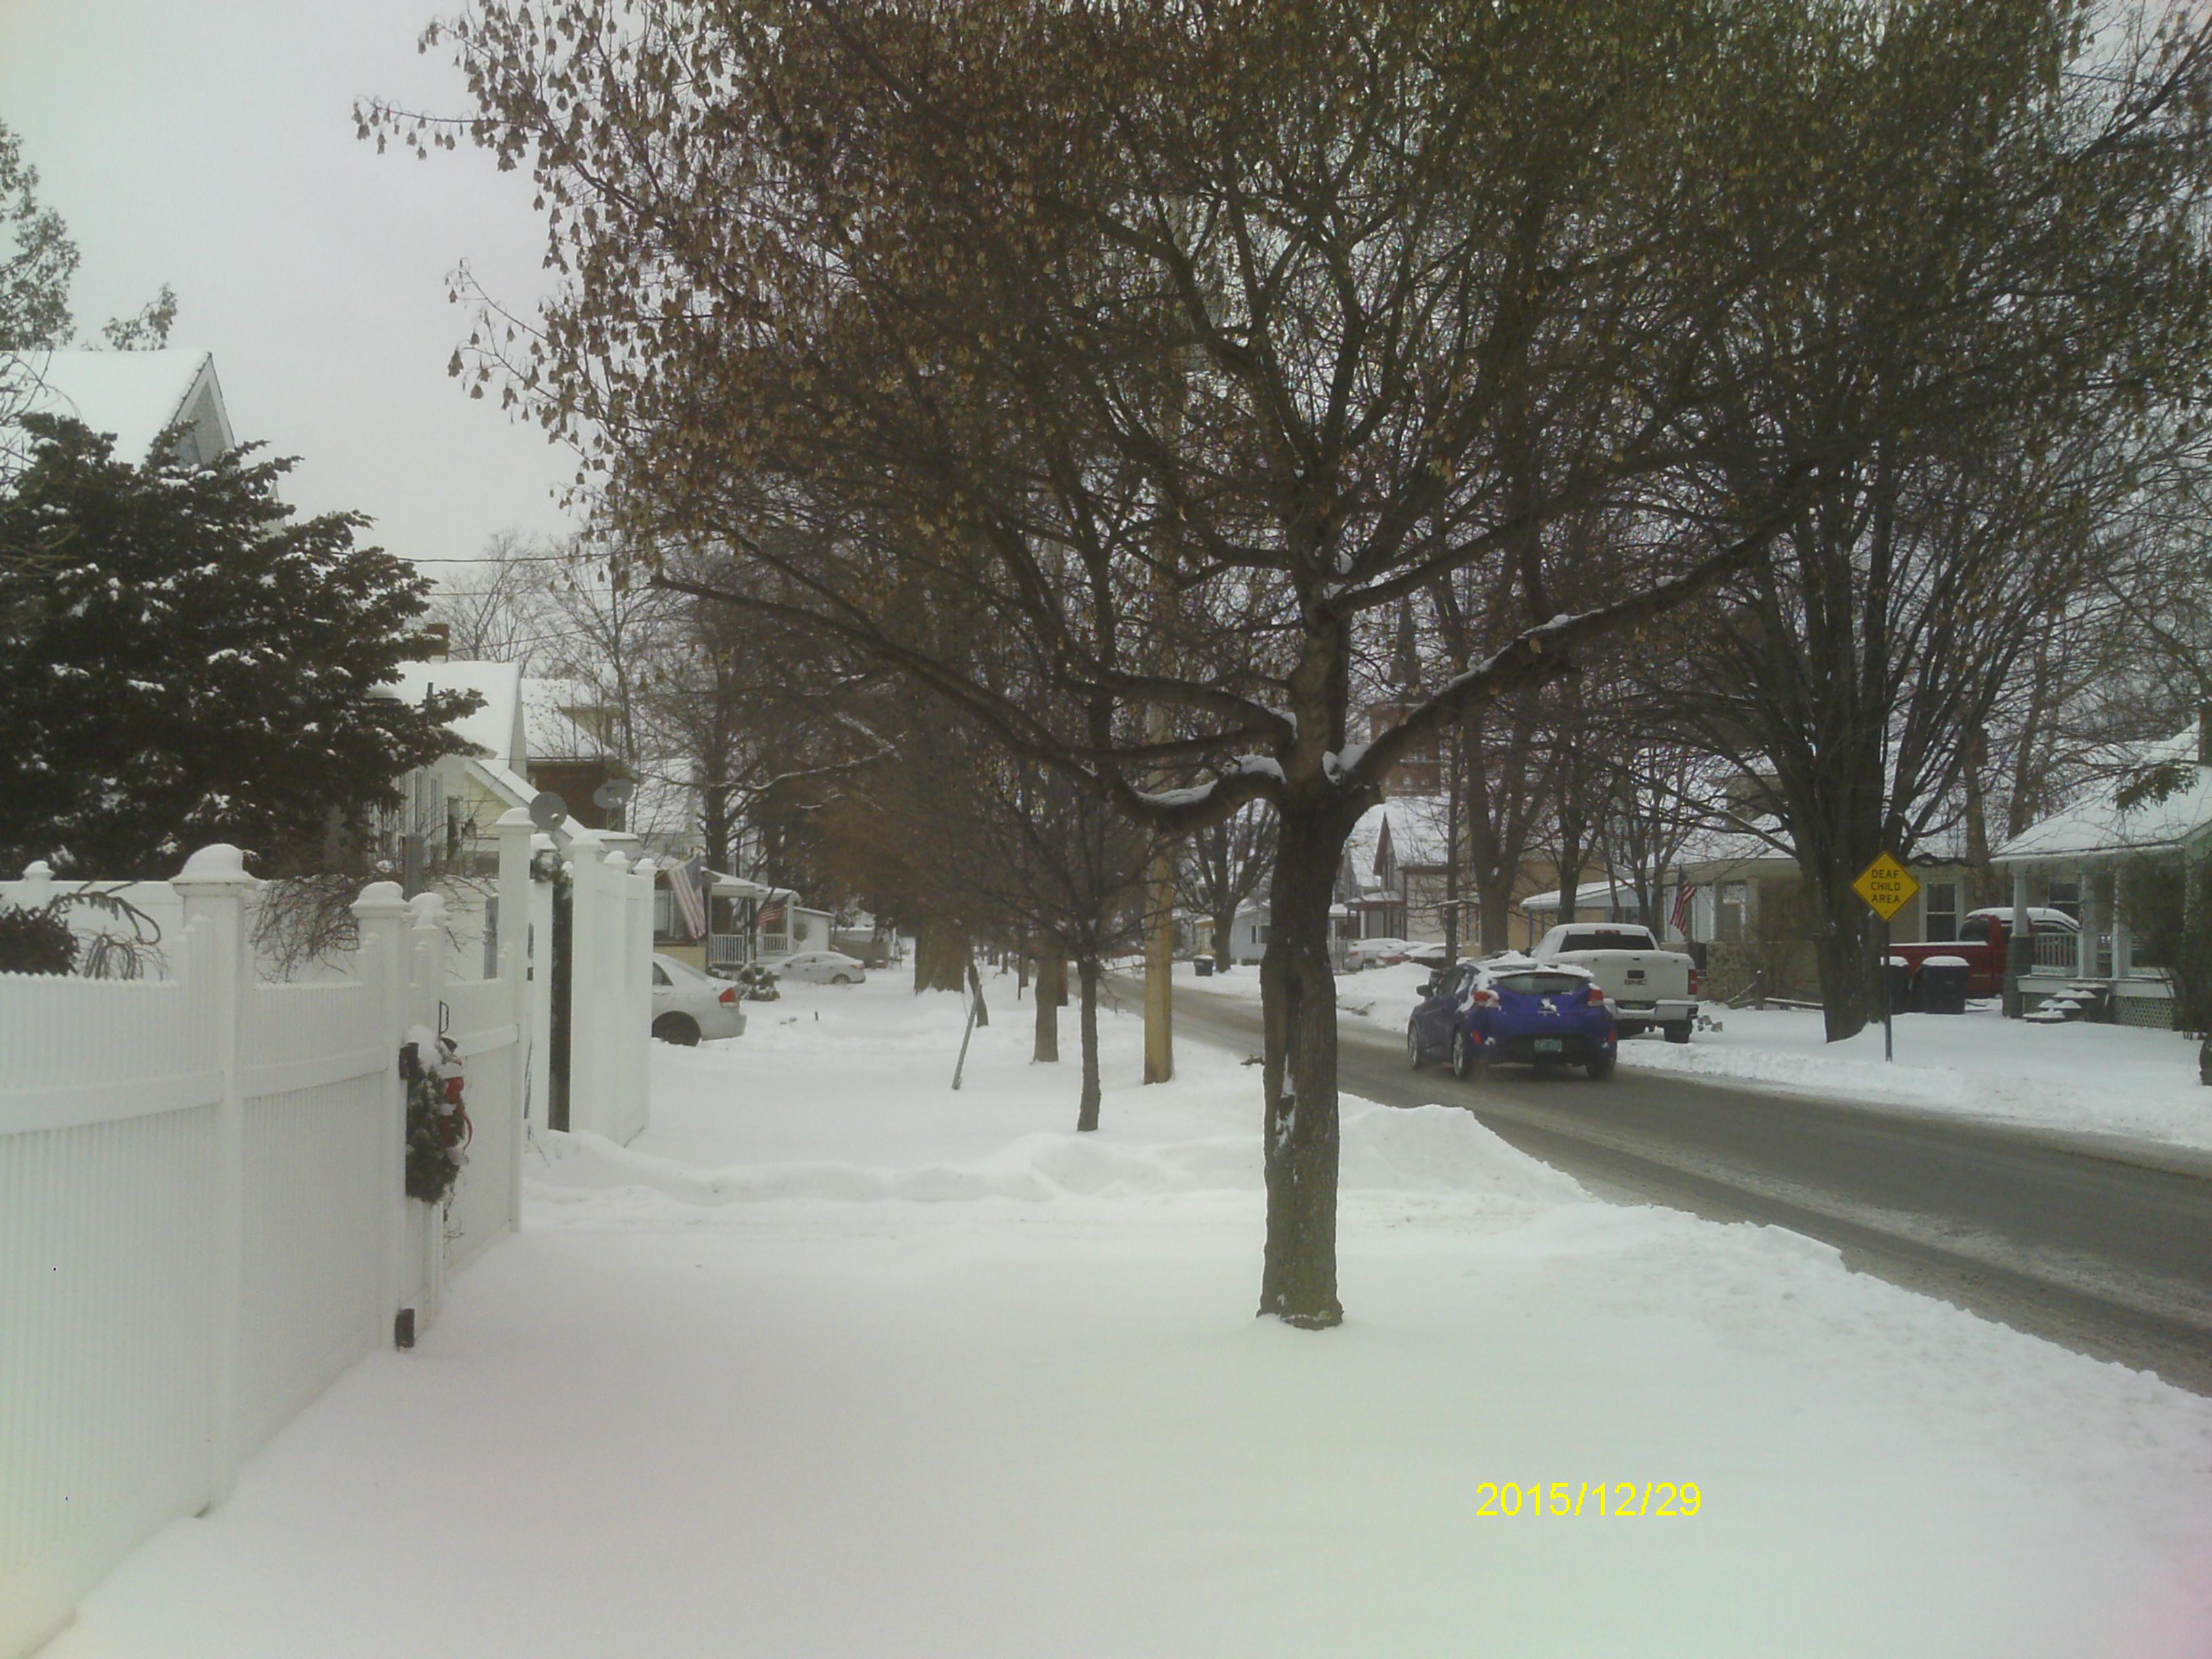 Снегоуборщики Городское население - г. Находка купить снегоуборочную машину Пировский район - сельское население